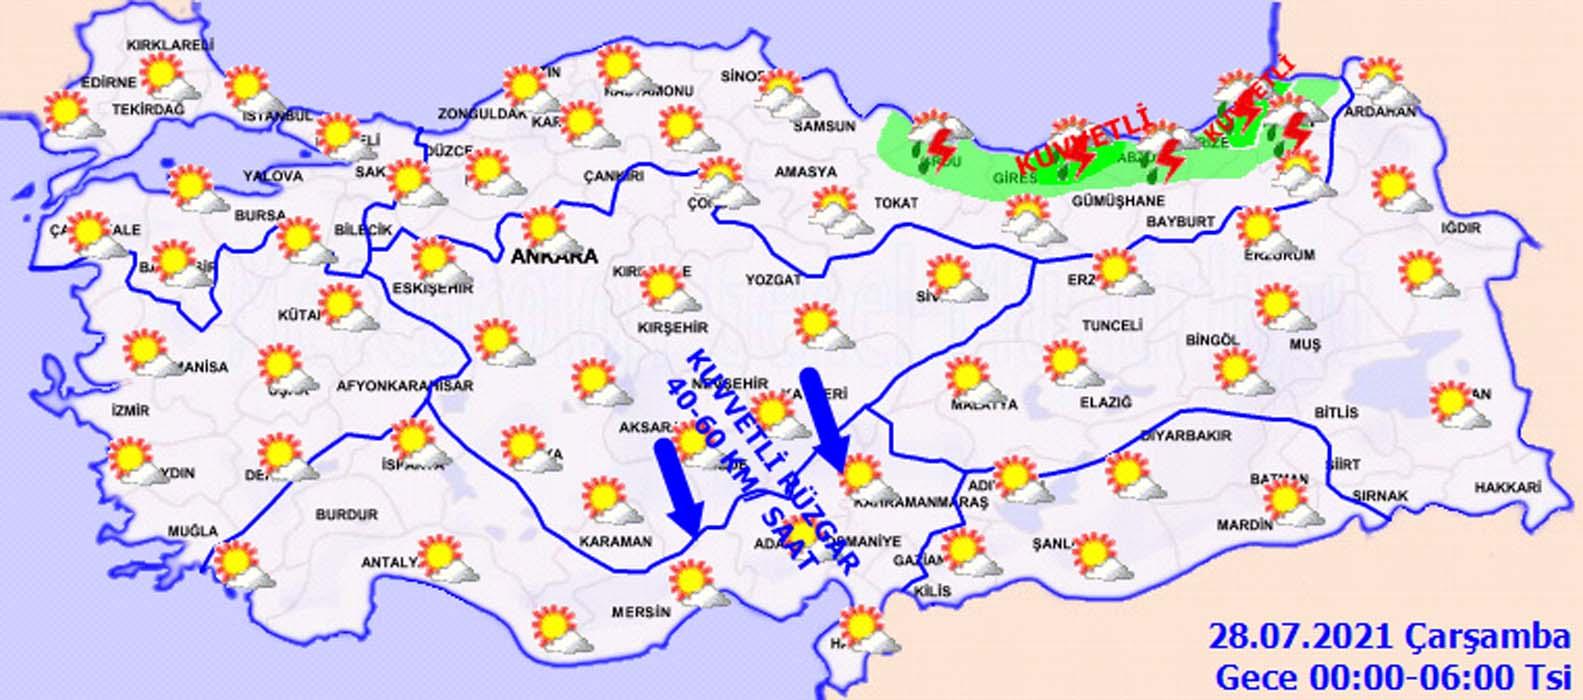 27 Temmuz Salı İstanbul, İzmir, Ankara hava durumu: Bugün hava nasıl olacak? Sağanak yağış ve kuvvetli rüzgar uyarısı